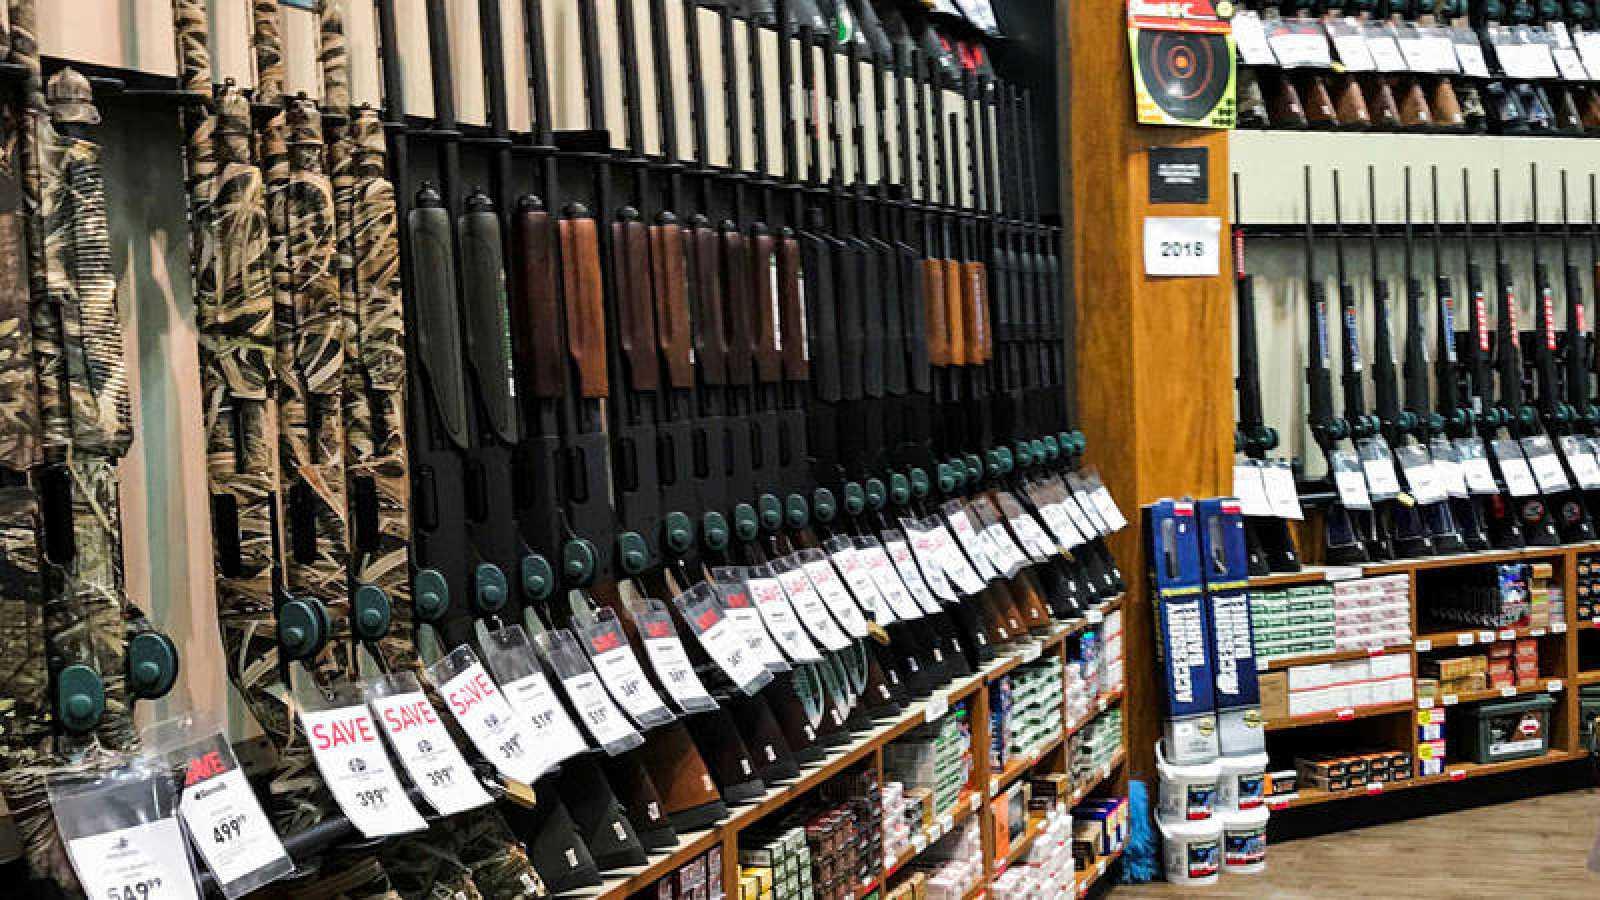 Walmart analiza su rol en la lucha contra la violencia armada de los EU